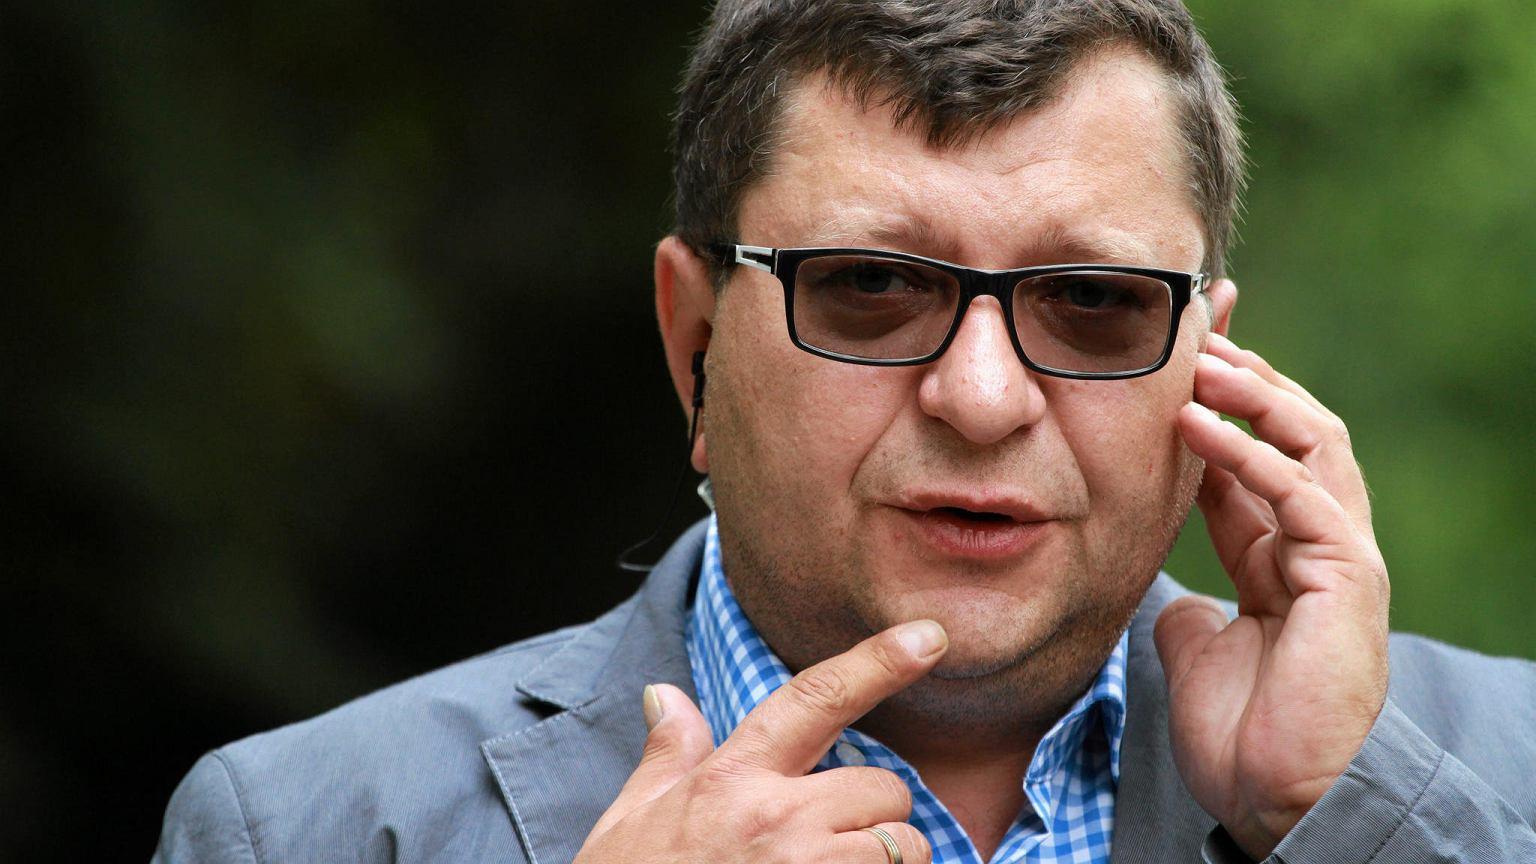 Wydano Europejski Nakaz Aresztowania za Zbigniewem Stonog